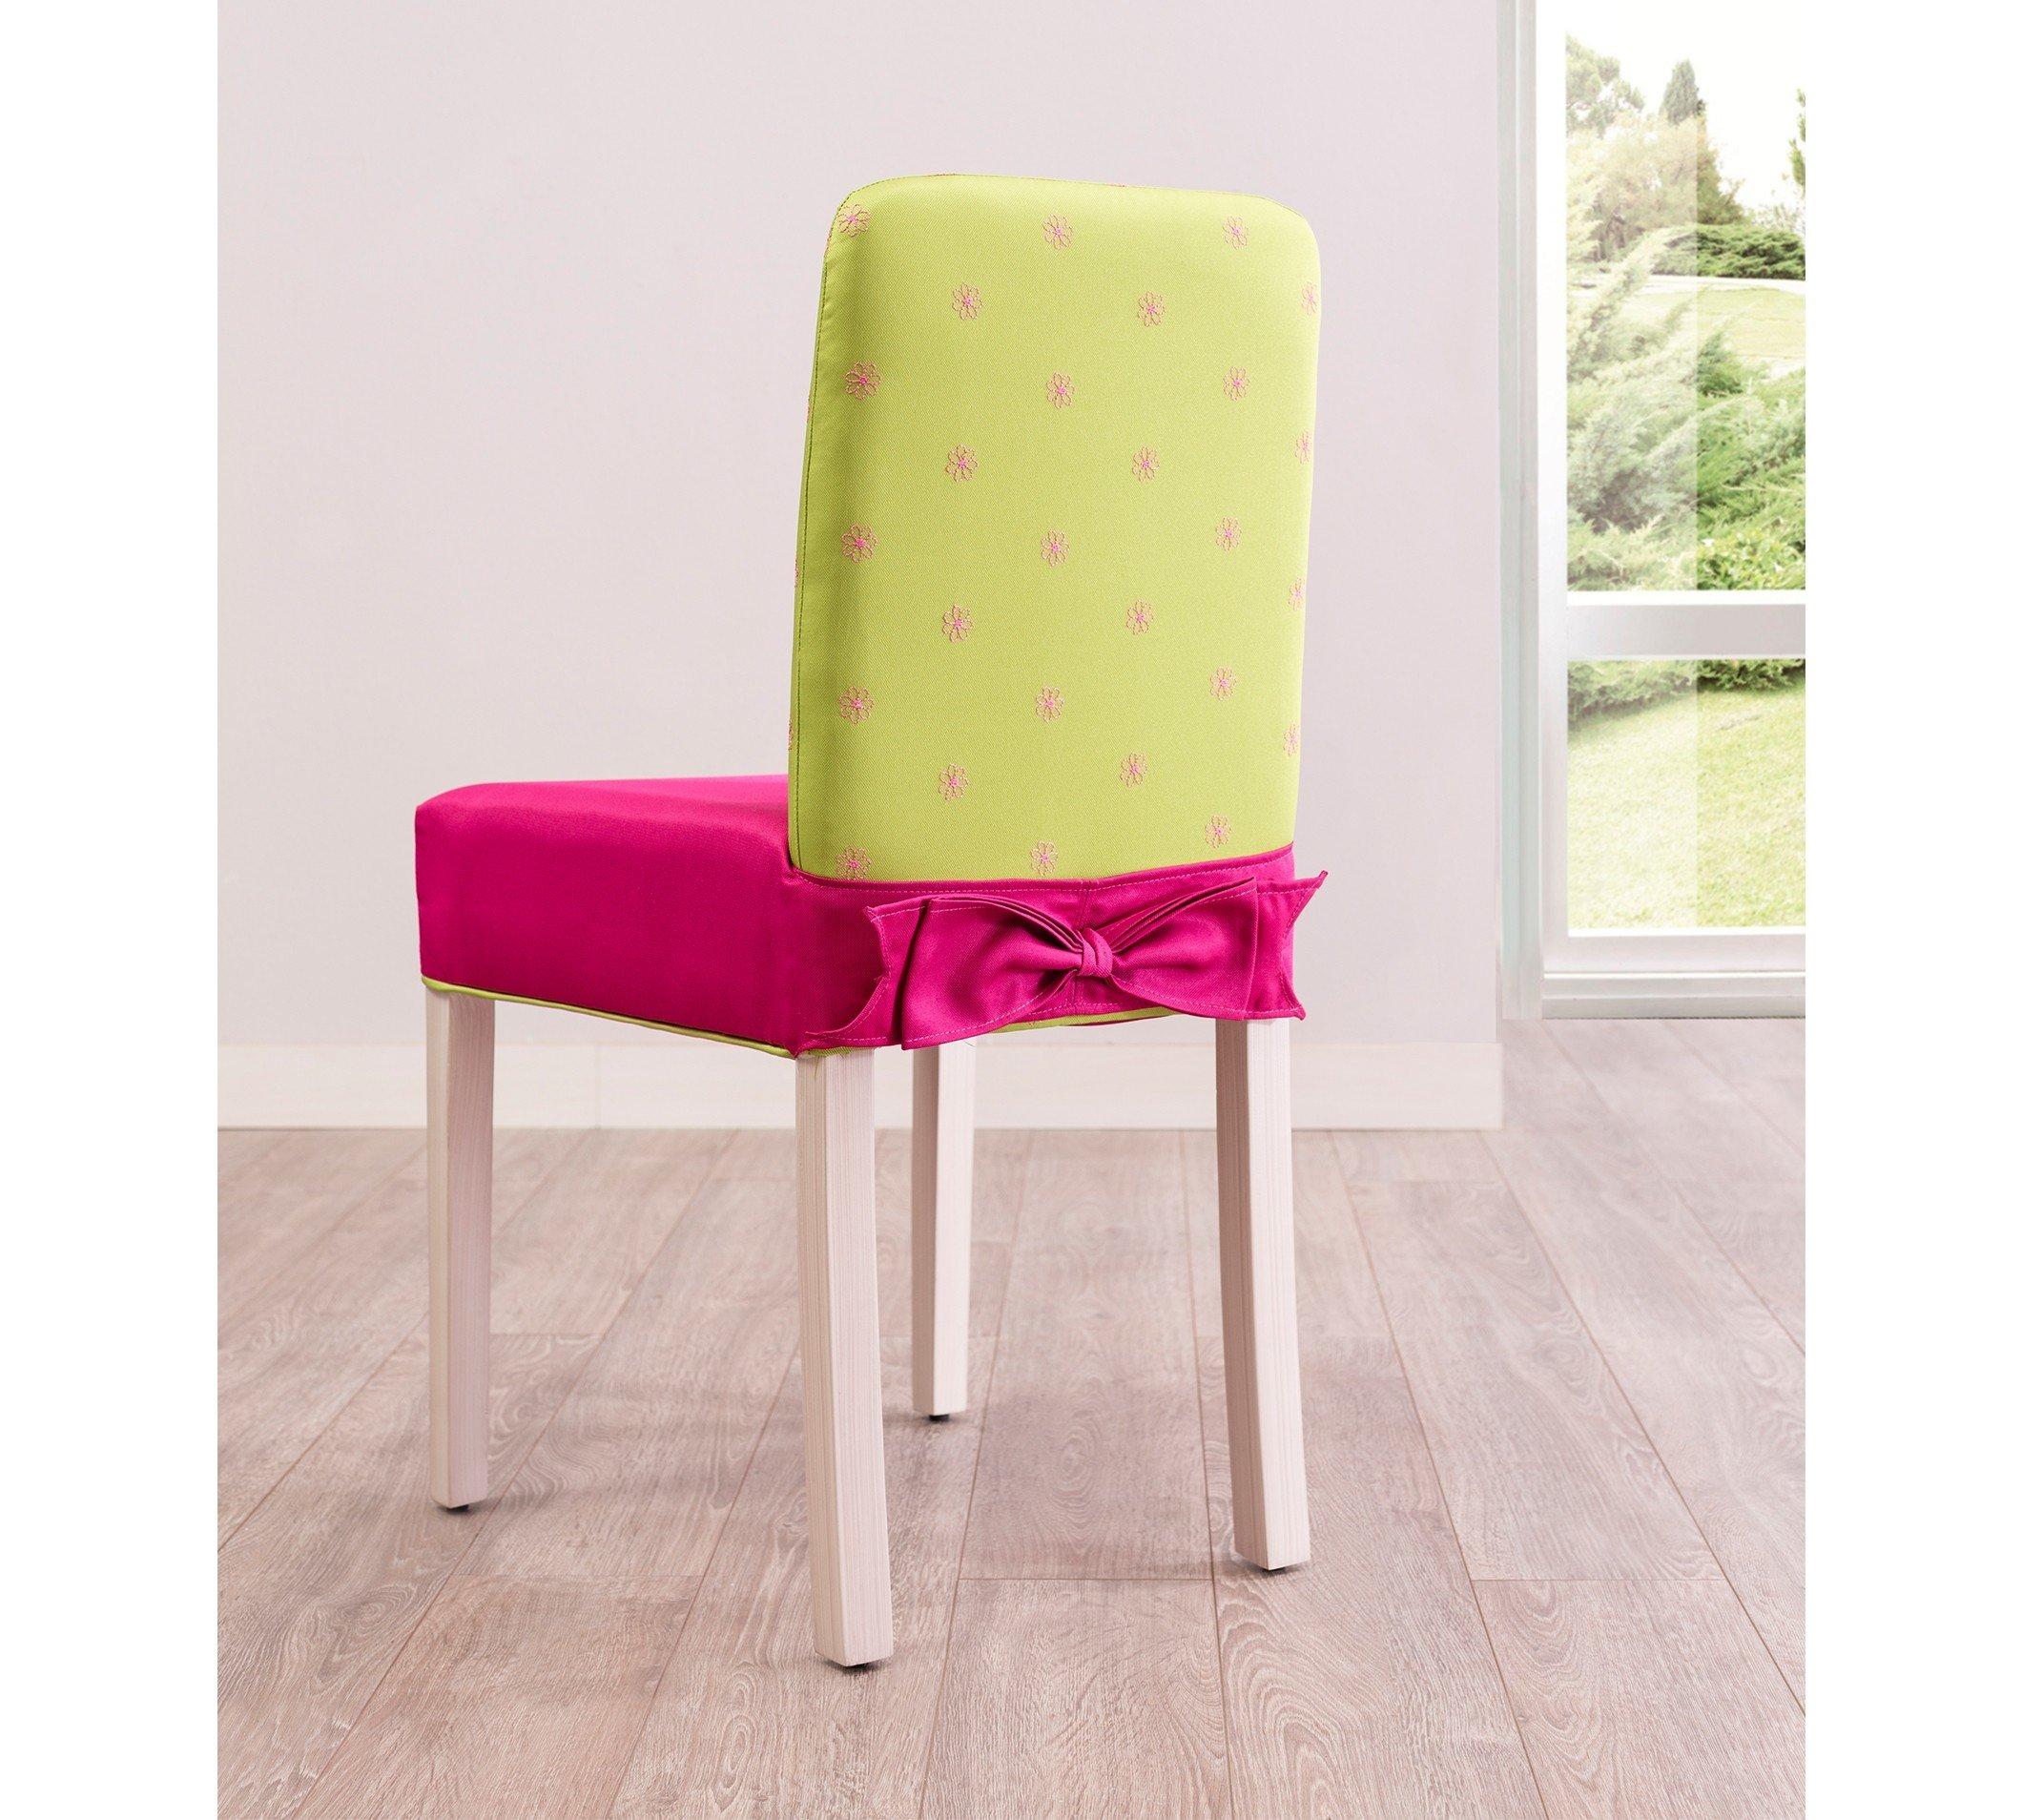 cilek ribbon kinder jugendzimmer stuhl bei panda kinderm bel. Black Bedroom Furniture Sets. Home Design Ideas